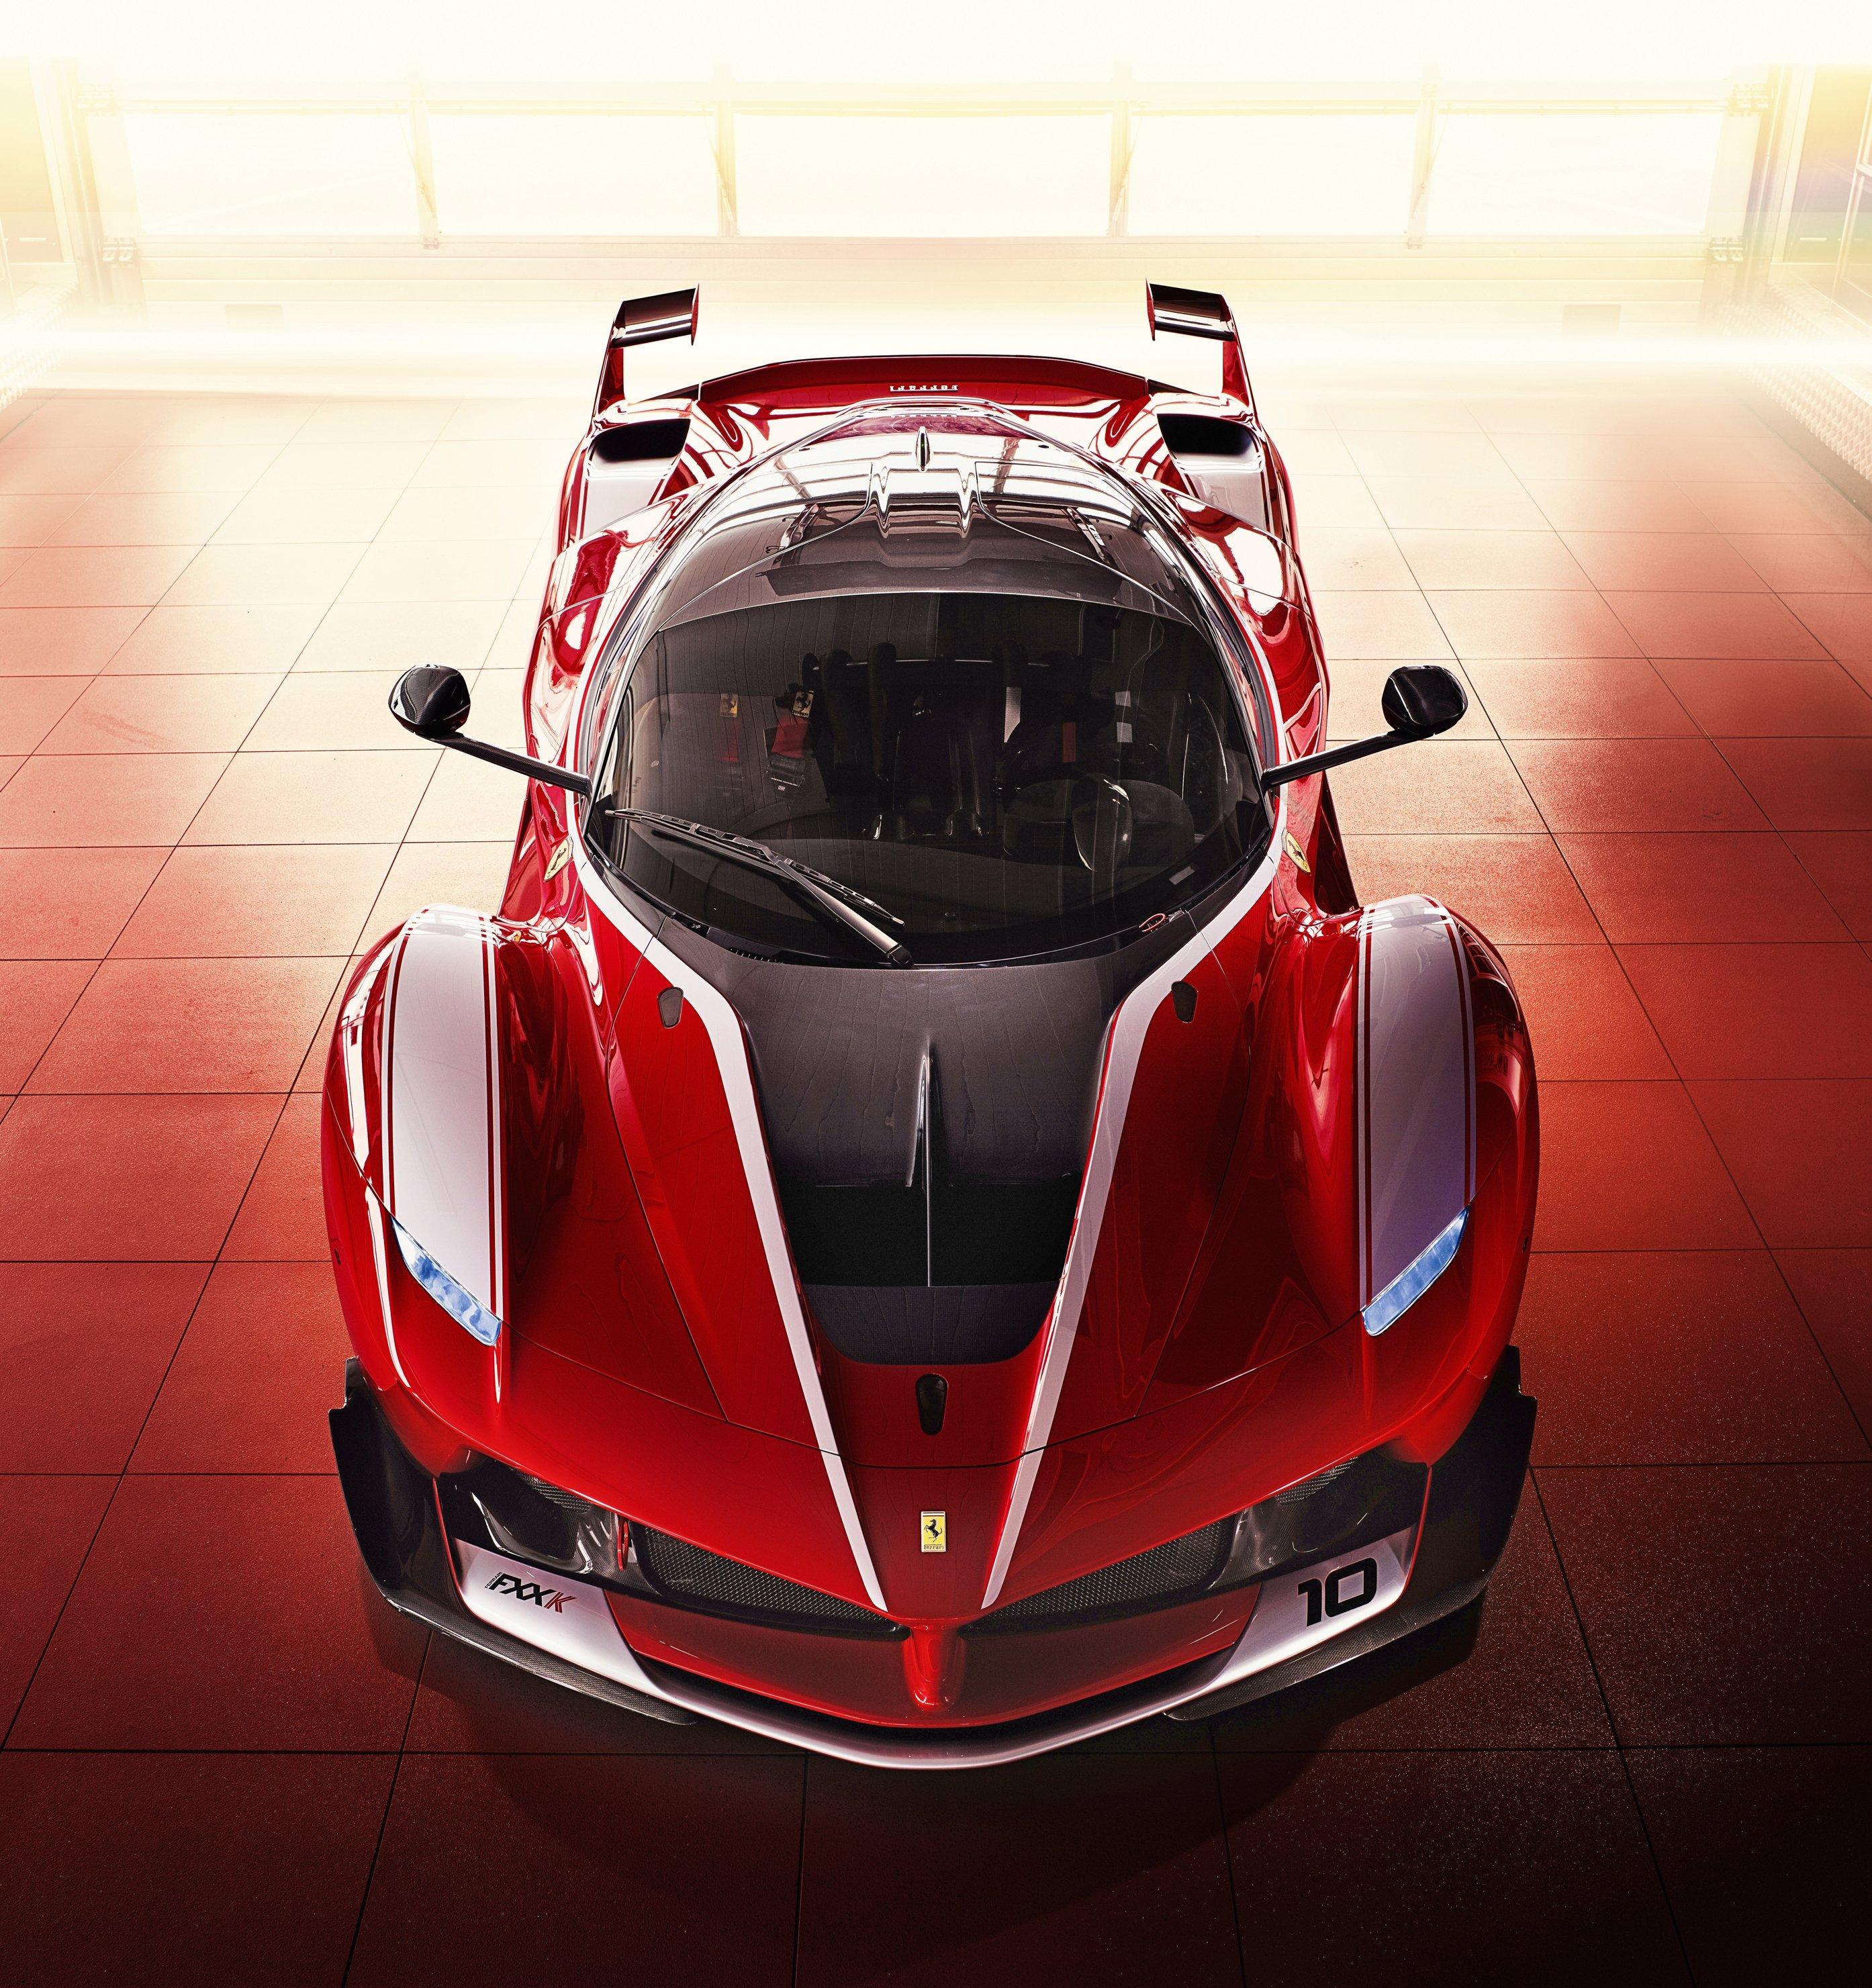 2015 Ferrari FXX K supercar fxxk wallpaper | 2788x2961 | 875767 ...